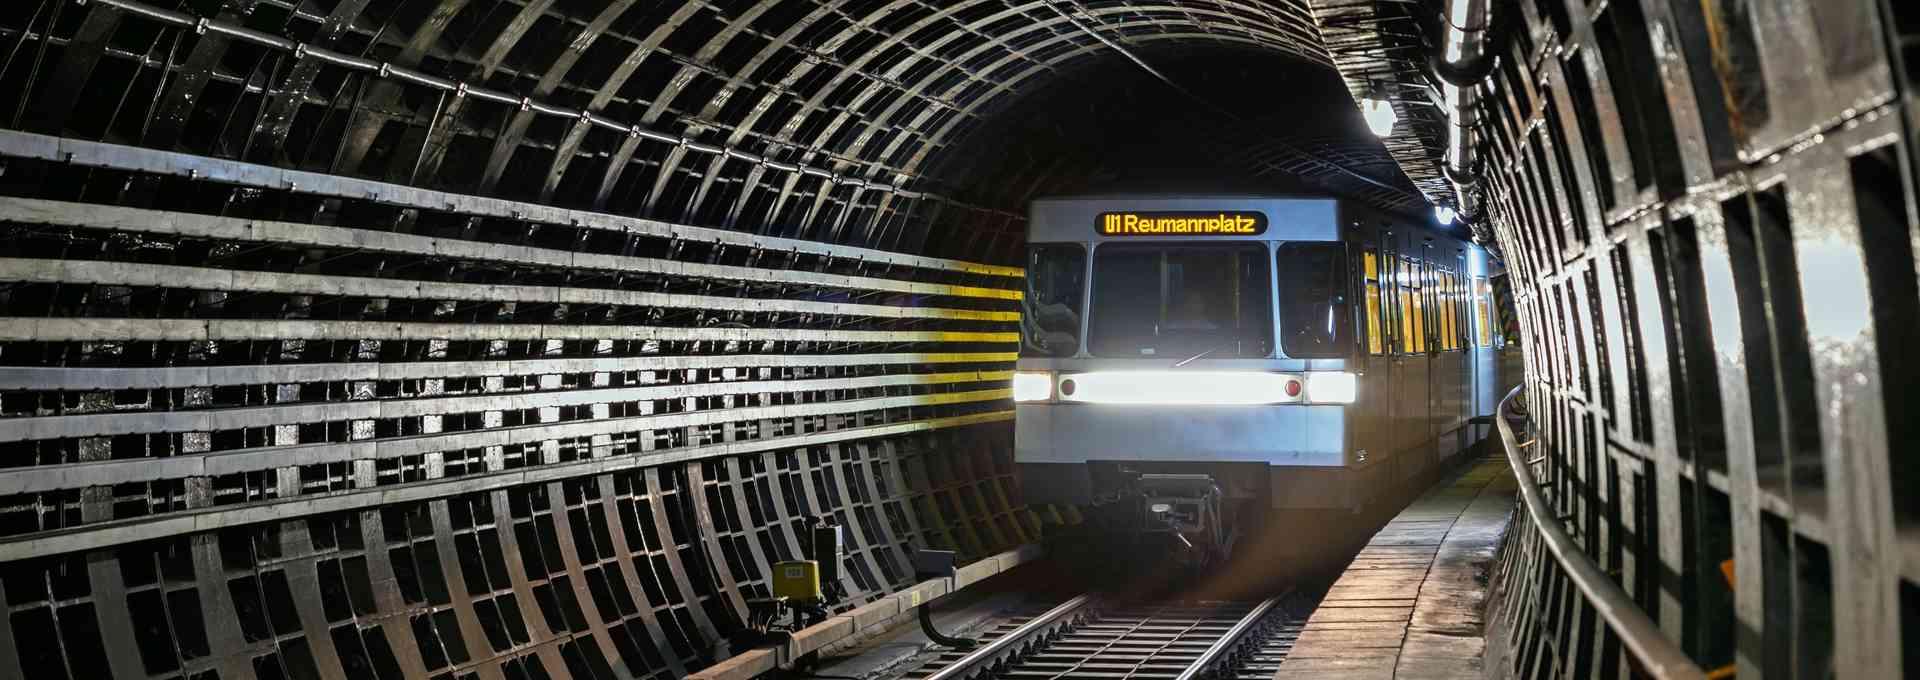 Durch Reibung entsteht Hitze und durch Bremsen wird Energie frei. Um diese Energie in unserem U-Bahn-Netz bestmöglich nutzen zu können, haben wir eine innovative Lösung gesucht: das Forschungsprojekt Brake Energy.